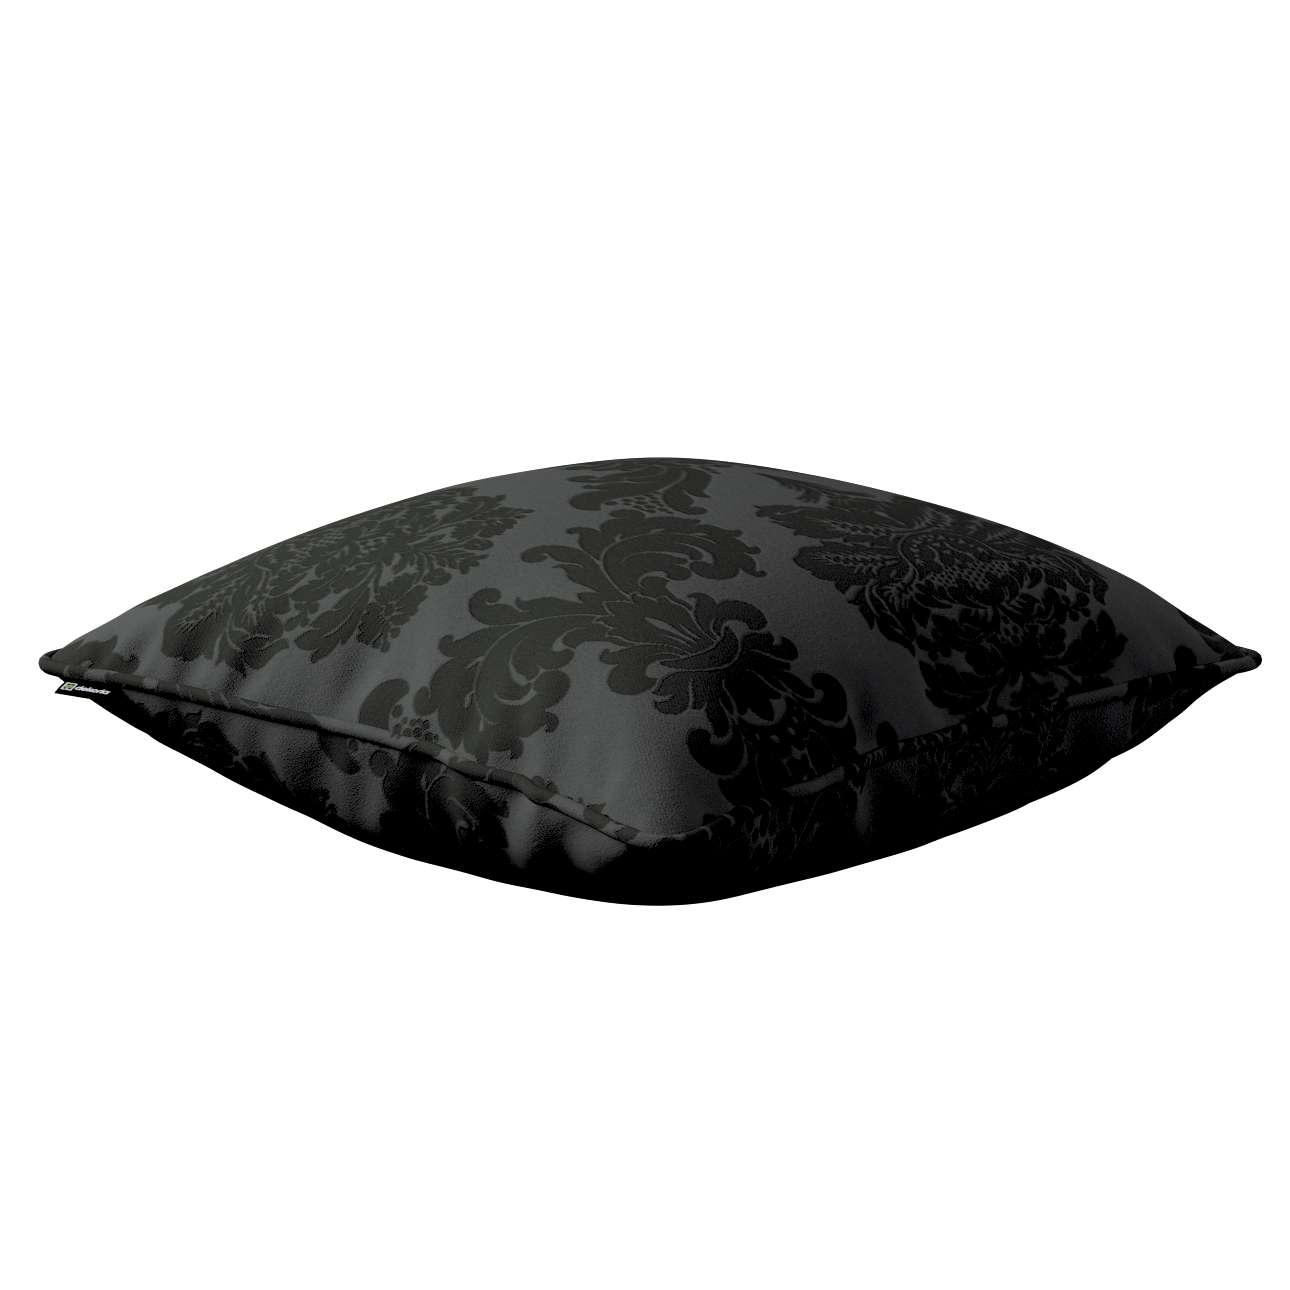 Poszewka Gabi na poduszkę 45 x 45 cm w kolekcji Damasco, tkanina: 613-32